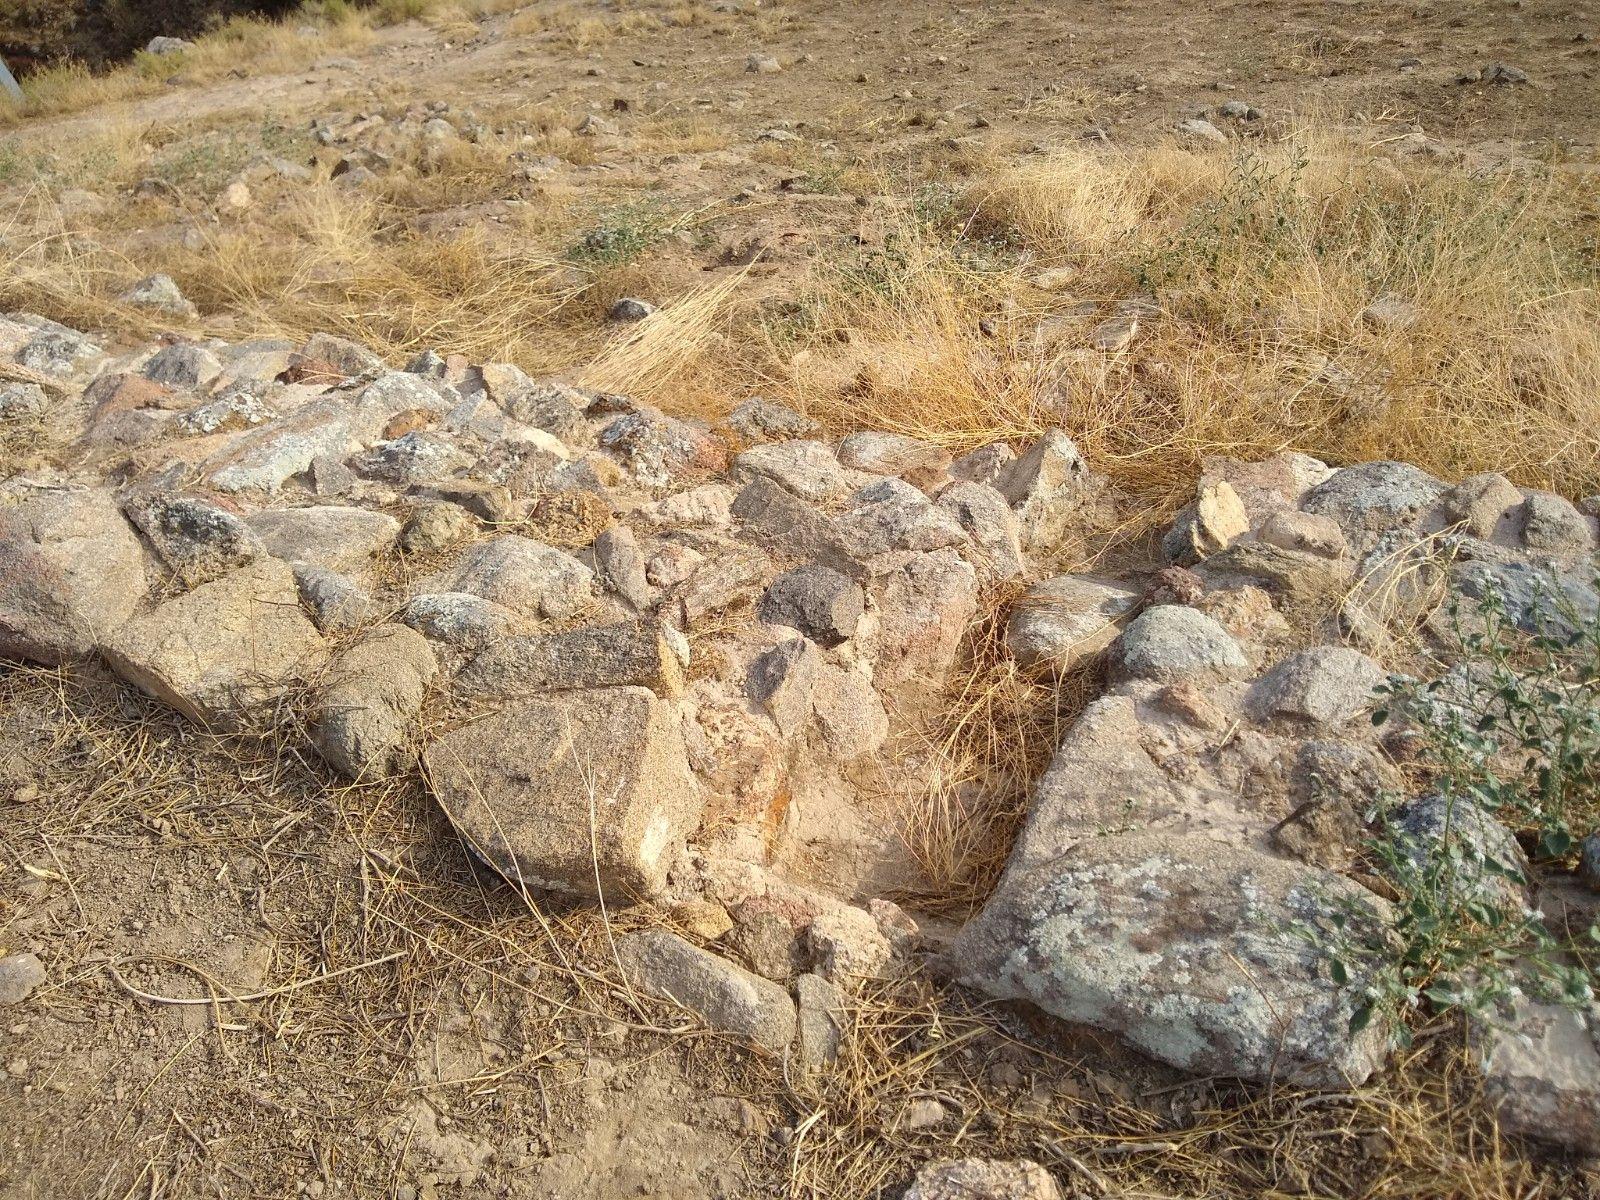 Entre los muros de piedra vemos canalizaciones para expulsar el agua de lluvia